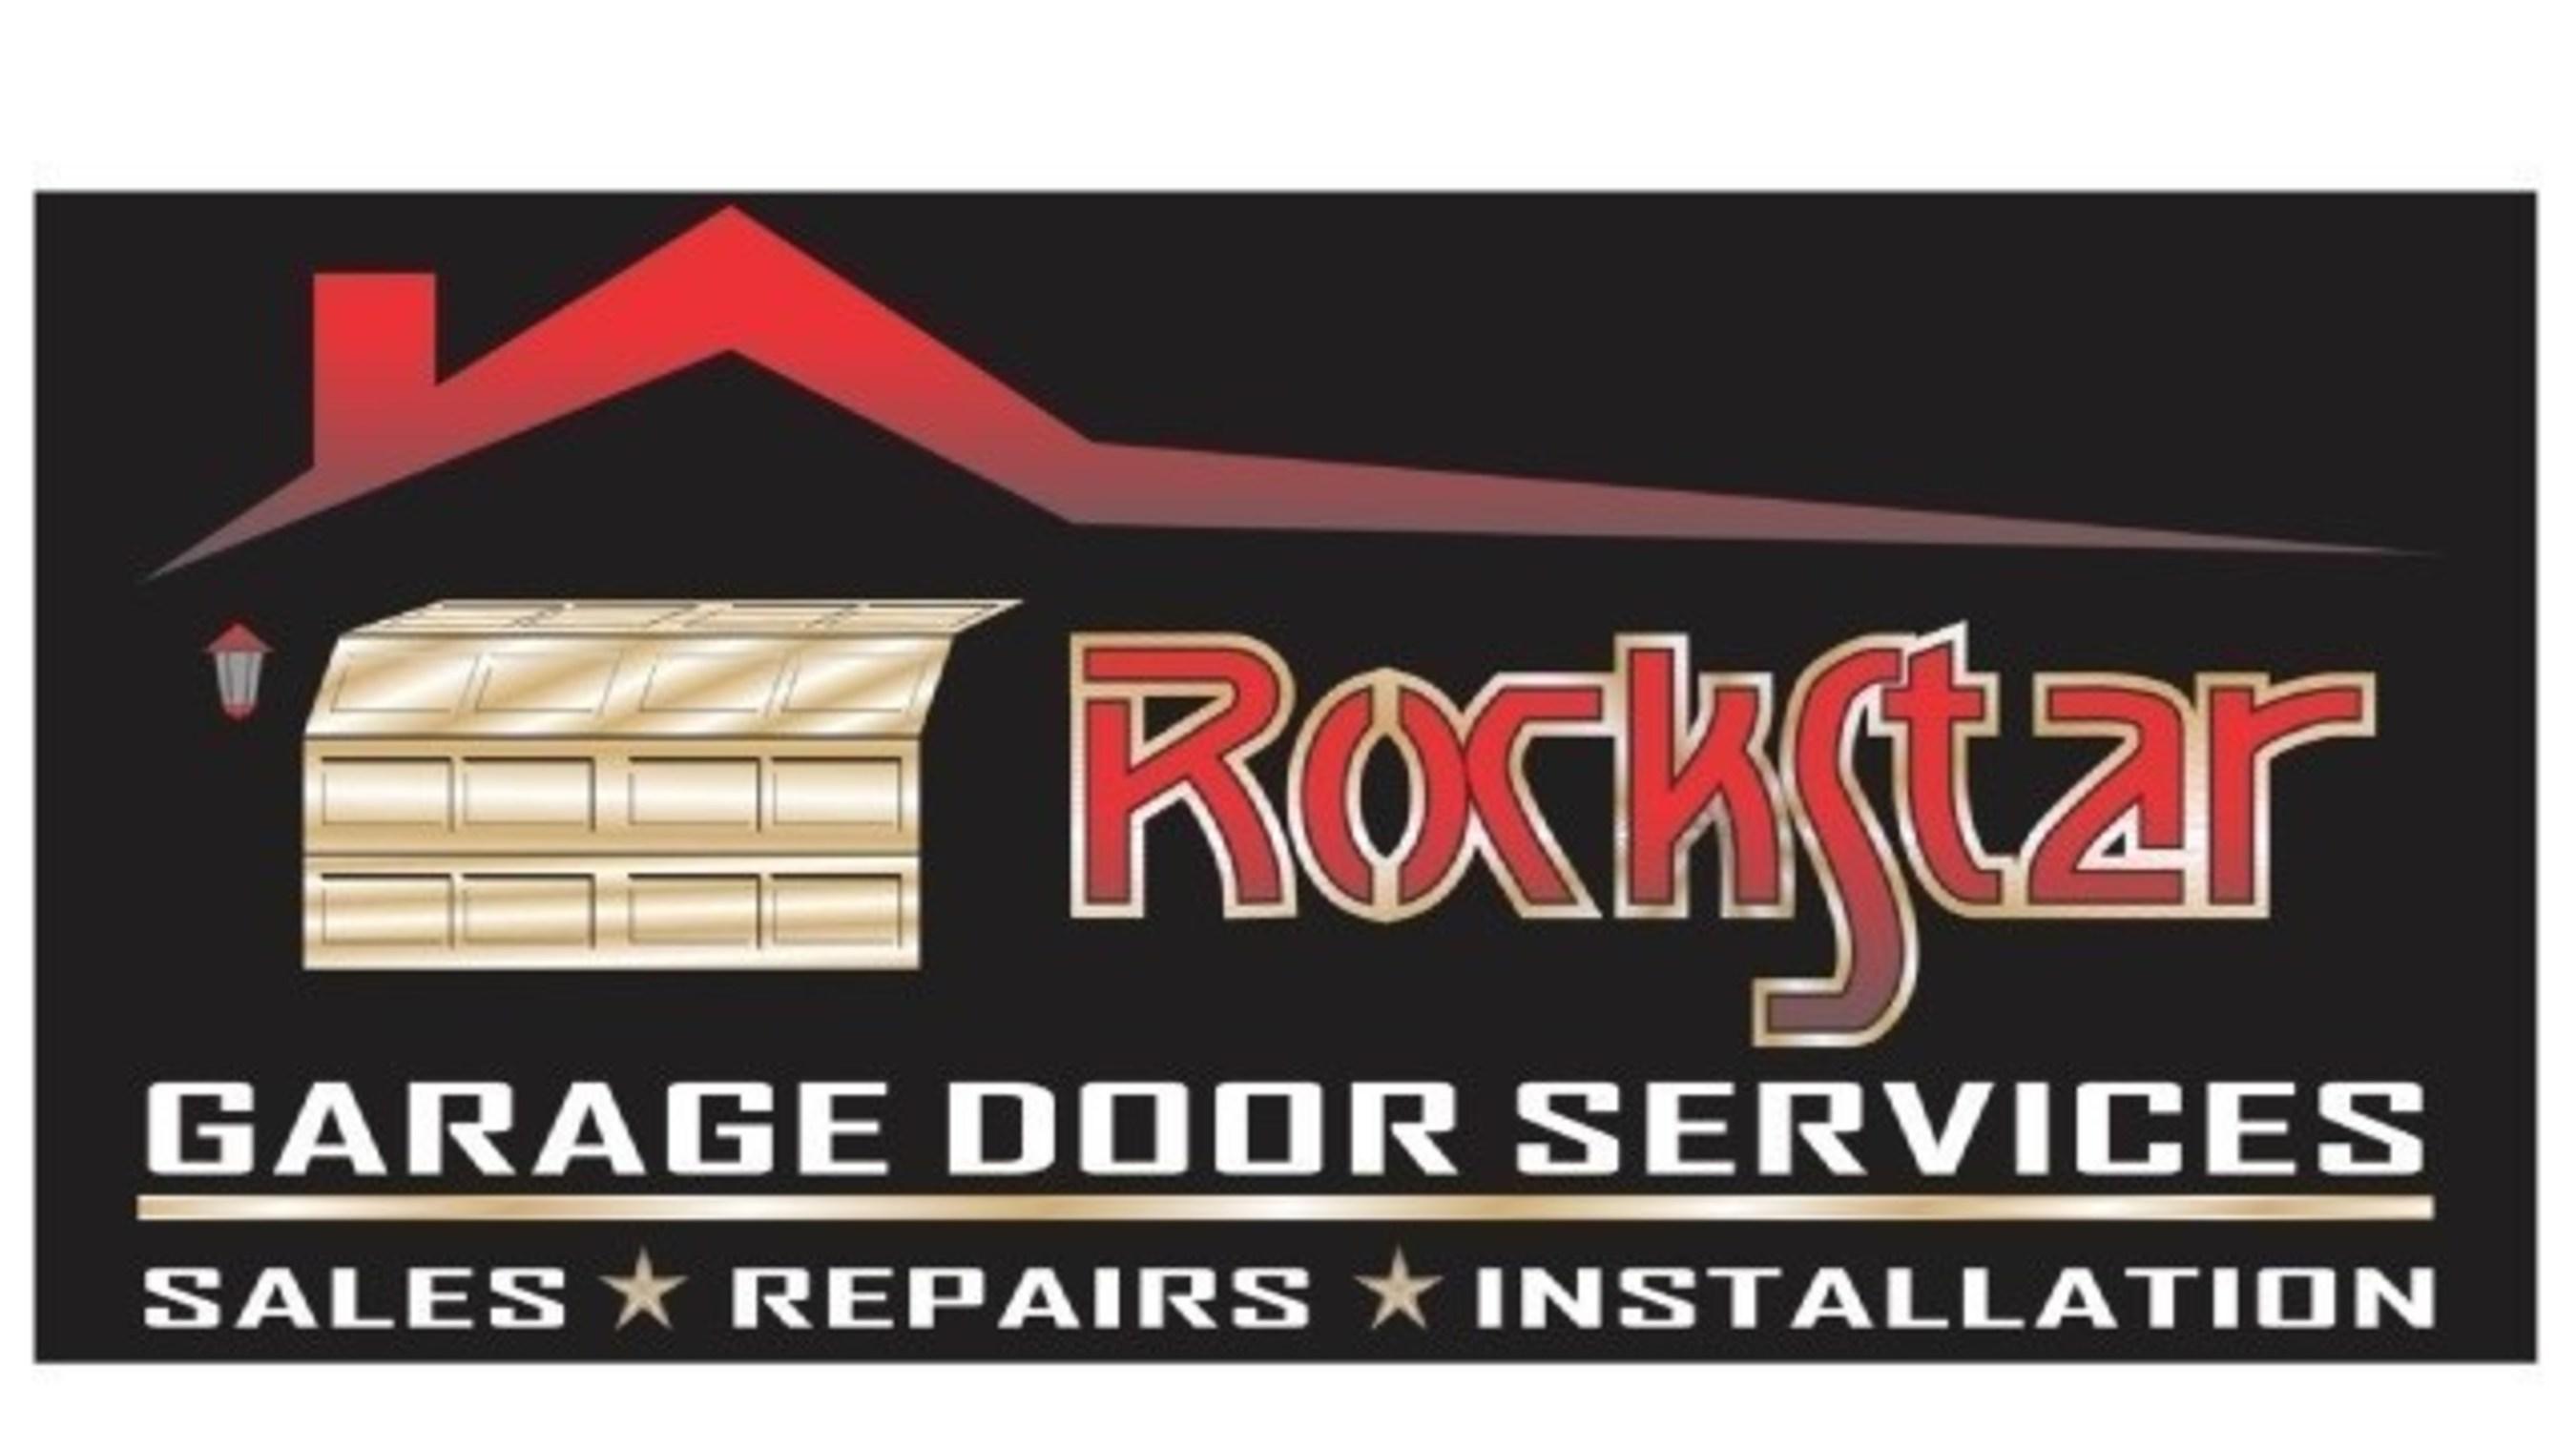 Rockstar Garage Door Services is Your Local, Trustworthy Garage Door Servicing Company